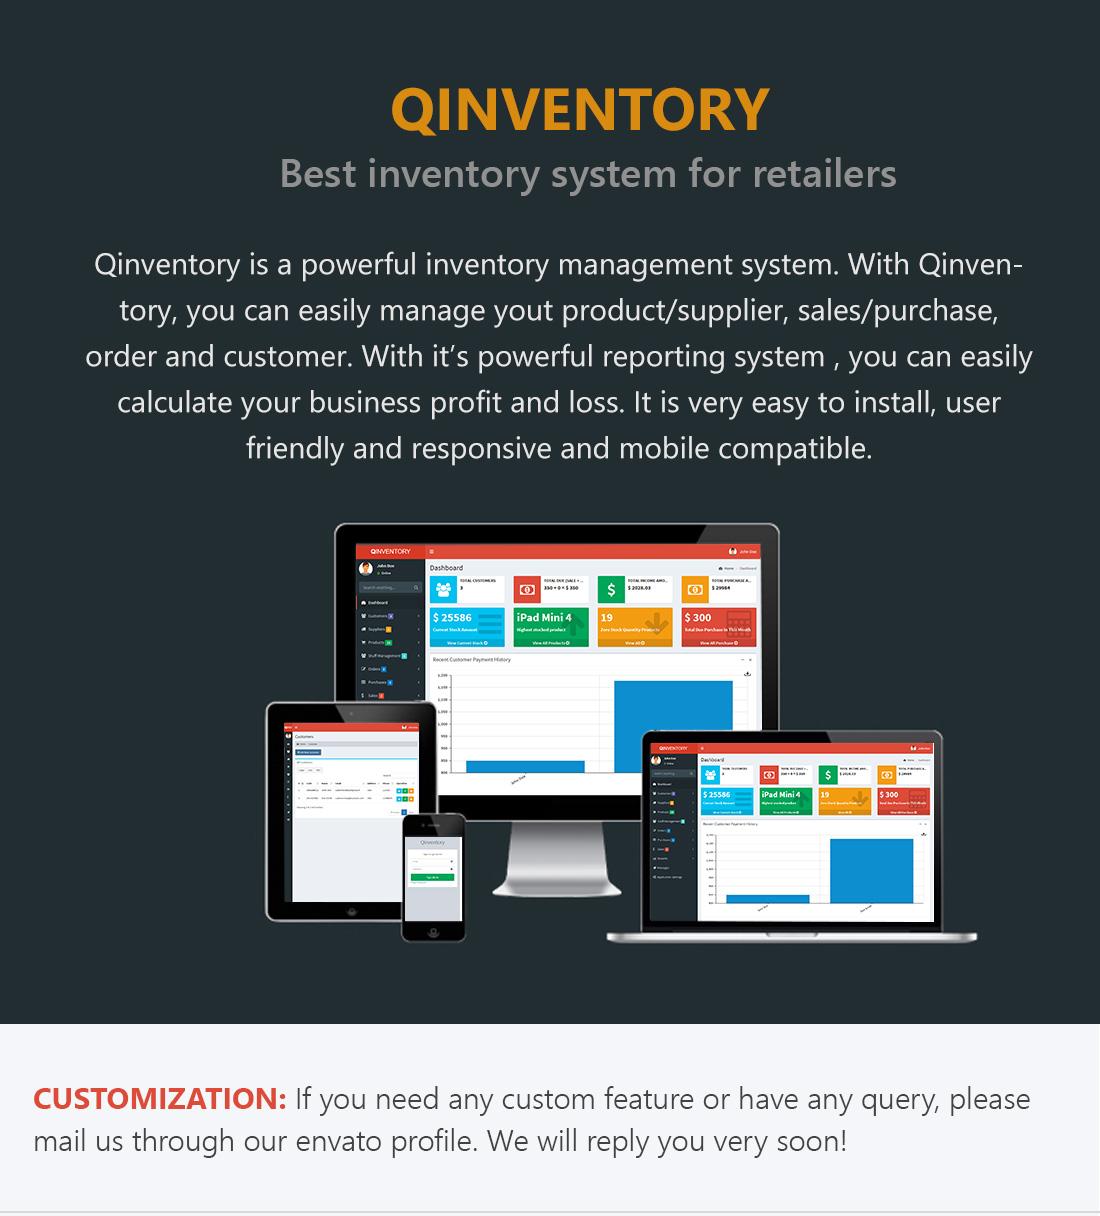 اسکریپت  مدیریت مشتری محصولات ، مدیریت کارکنان Qinventory CRM v1.2